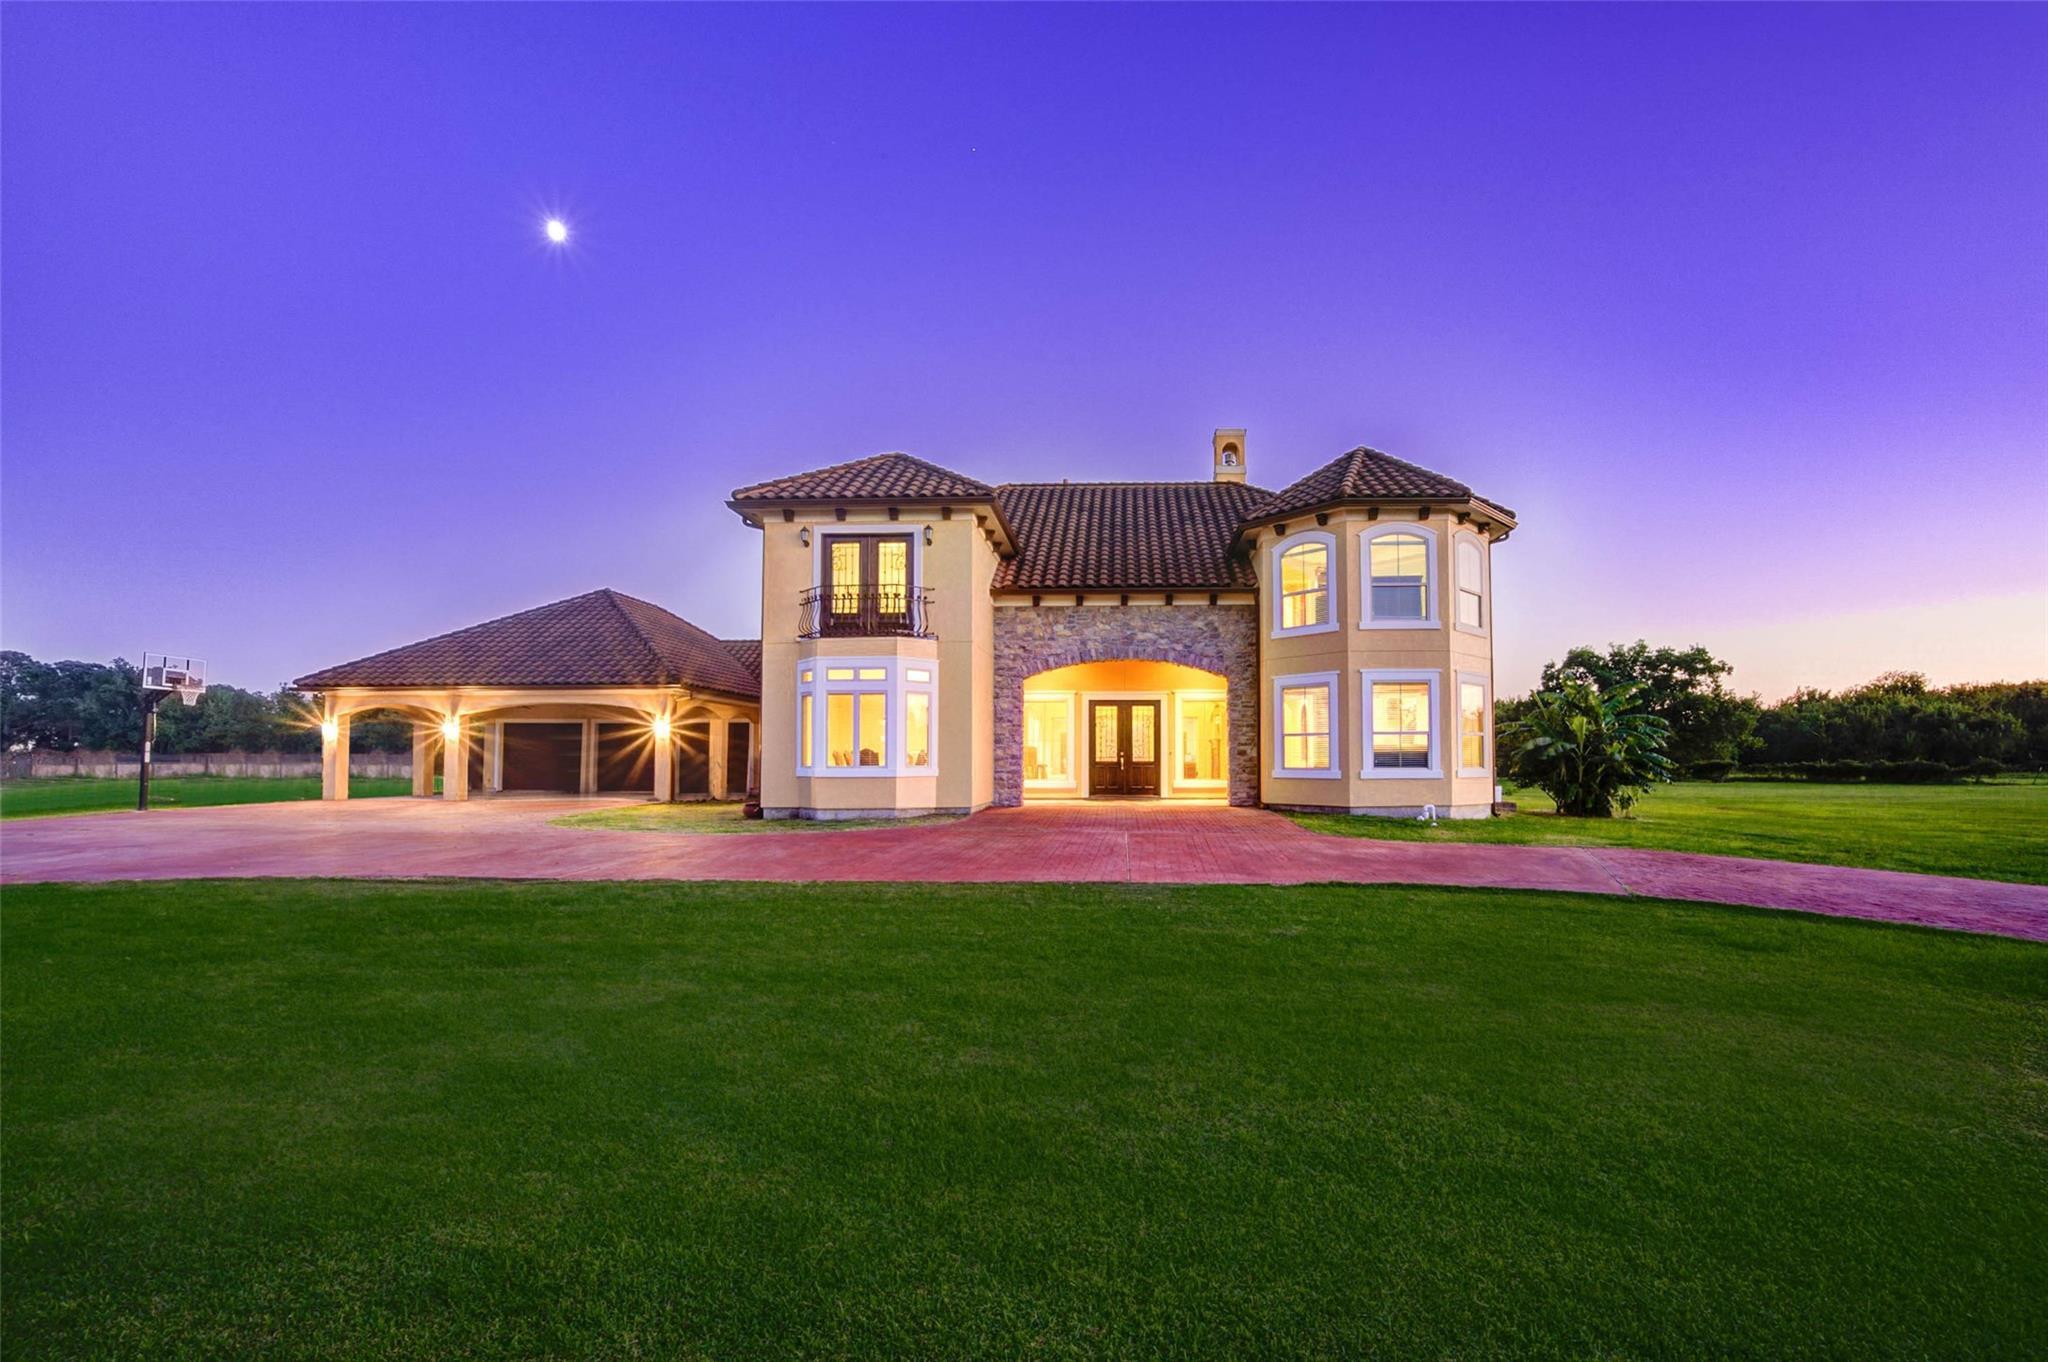 11716 N L Street Property Photo - La Porte, TX real estate listing